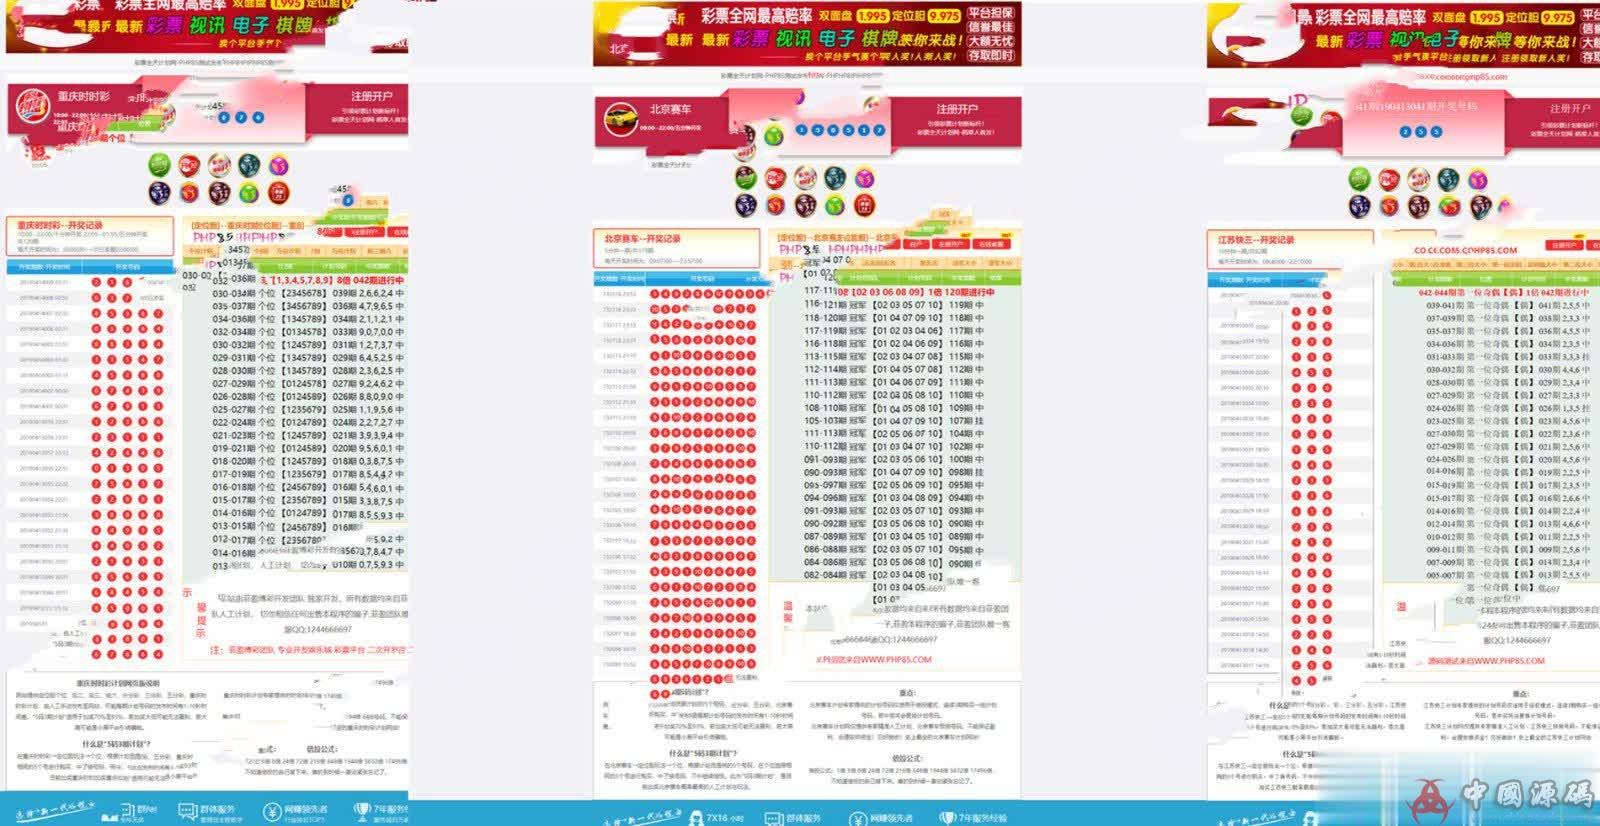 十合一自动CP计划自动开奖源码+完整后台功能+安装教程 网站-第1张